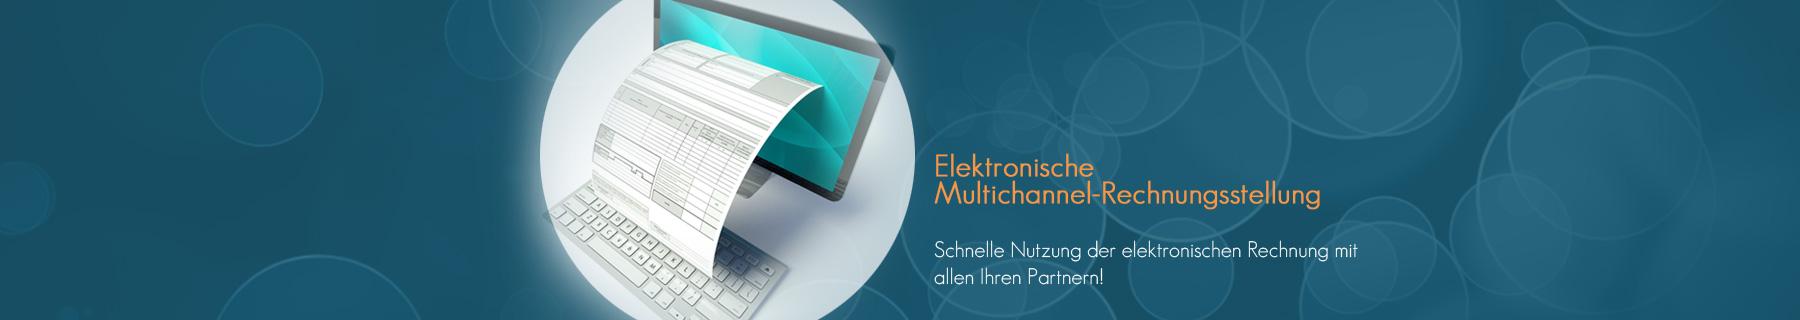 pflicht elektronische rechnung